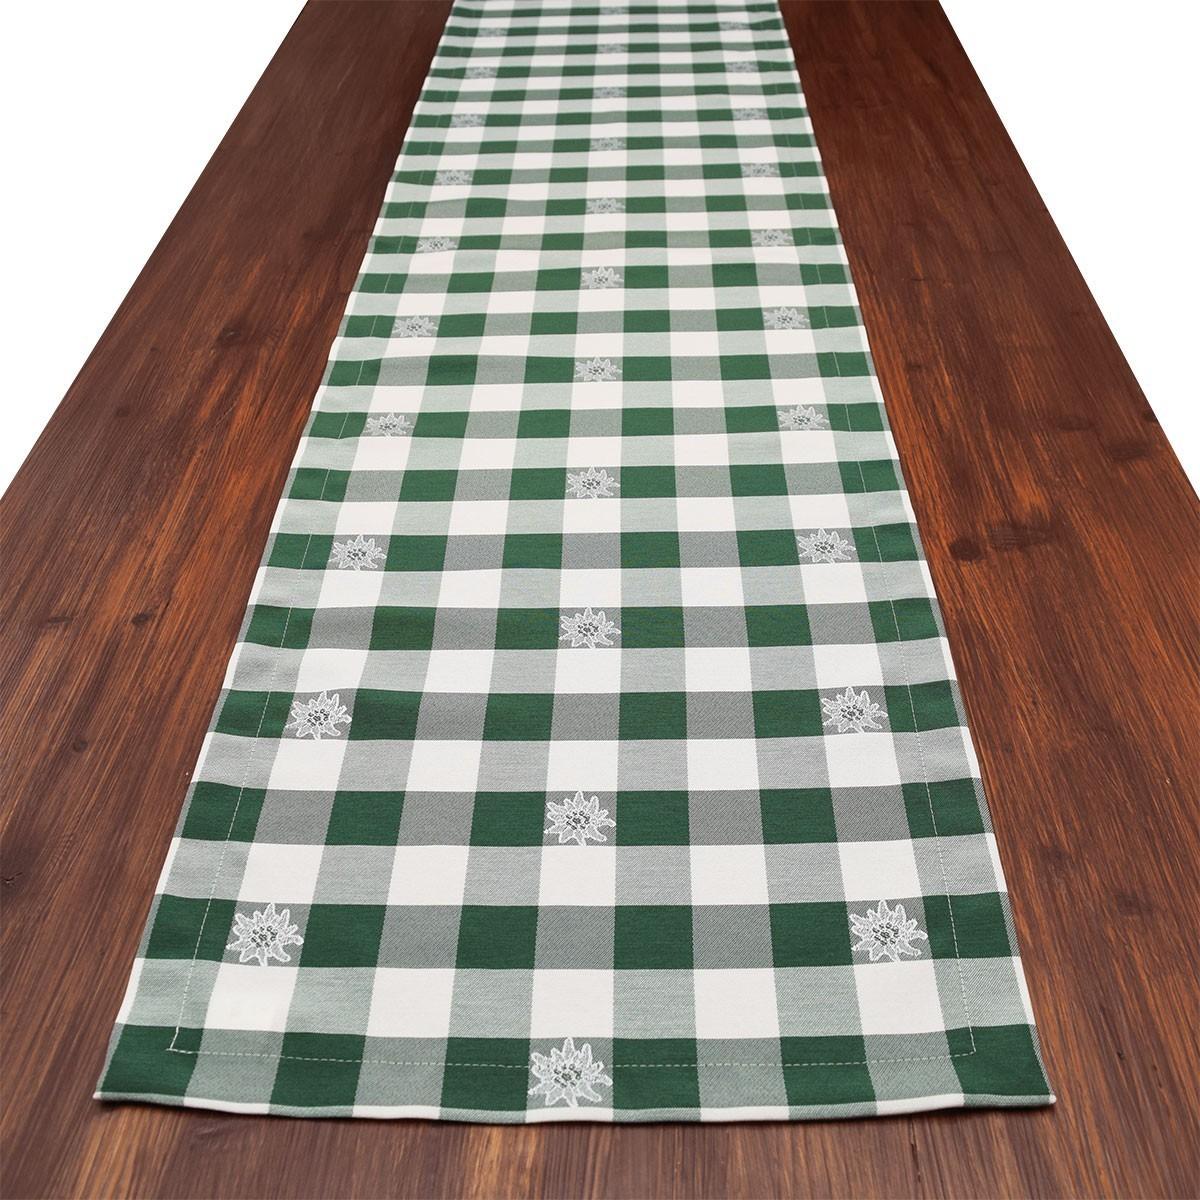 Tischläufer Landhaus-Tischdecke Karo mit Edelweiß in Grün 40 x 160 cm grün-weiß kariert